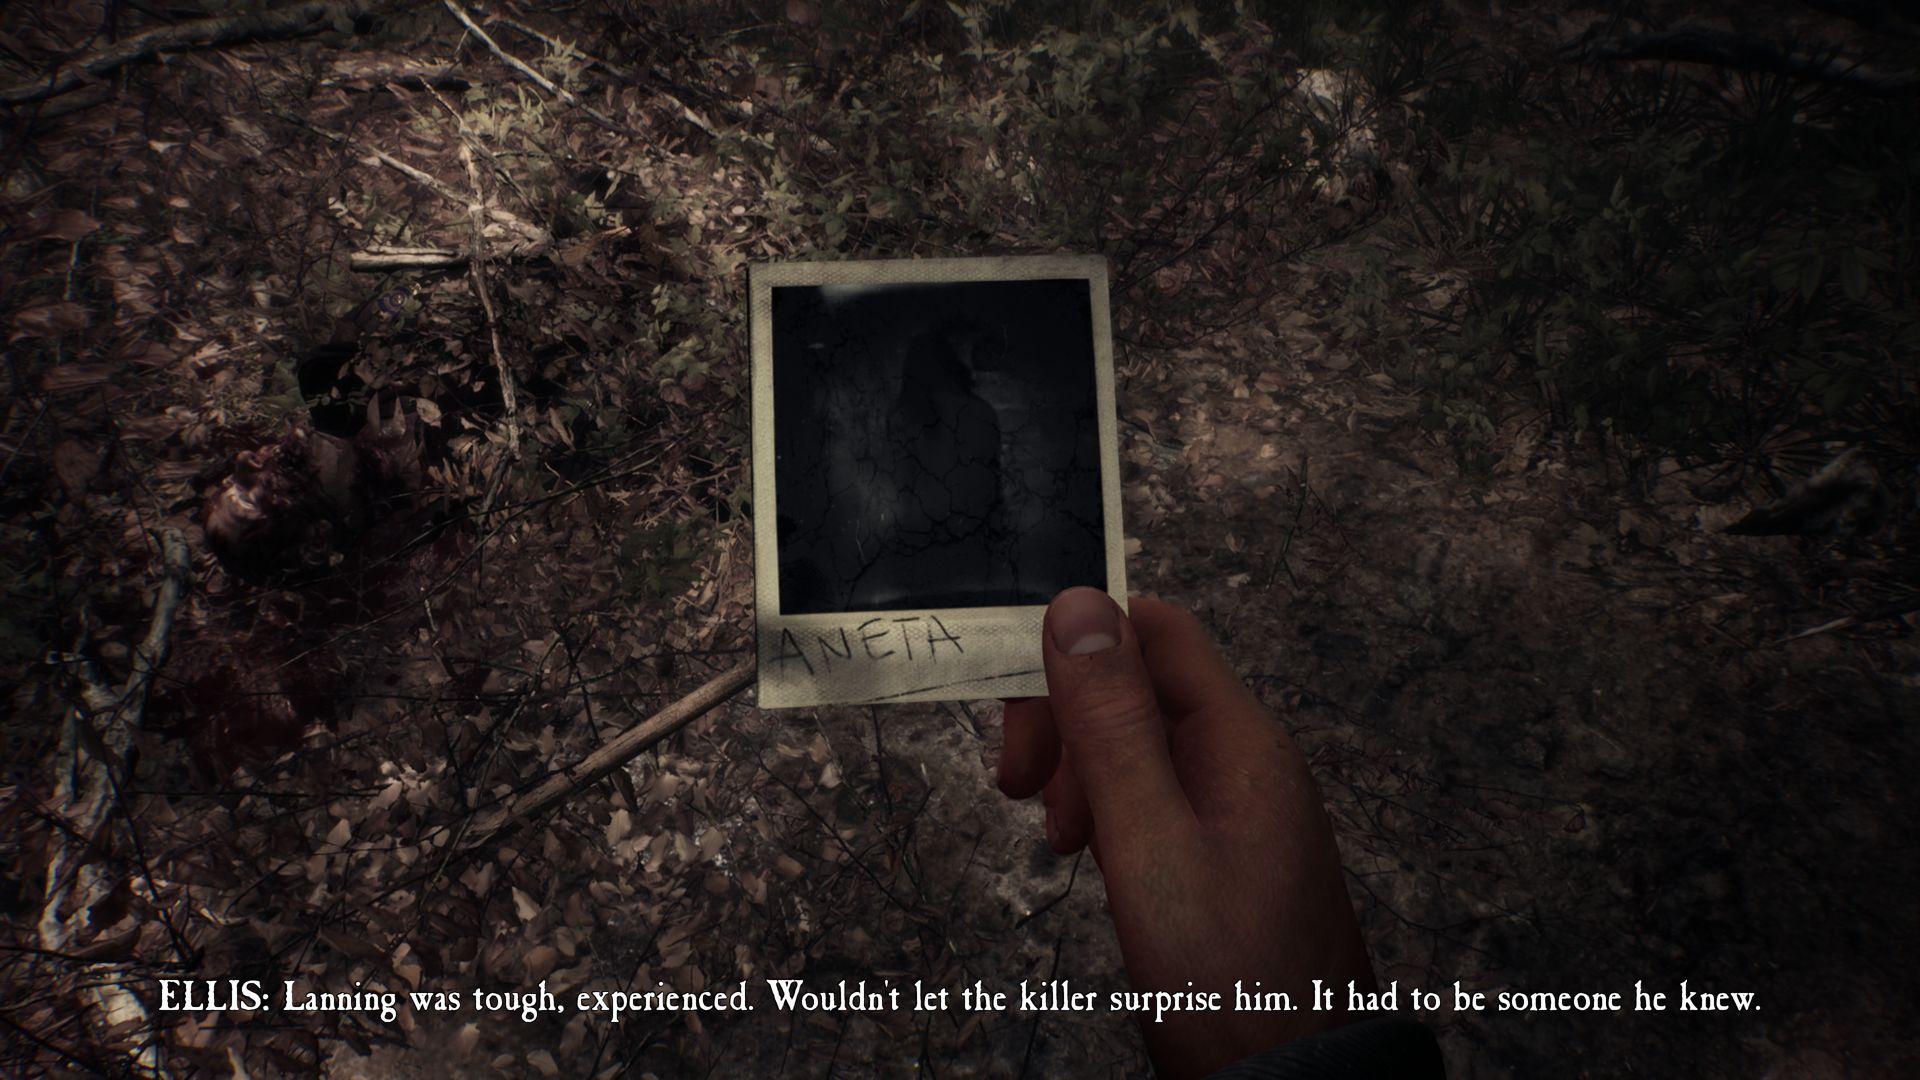 Dejová línia z kultového filmu The Blair Witch Project je v hre využívaná len okrajovo bez priamych nadväzností. Tvorcovia sa vydali svojou cestou a v hernom príbehu nás zaviedli späť do roku 1996, kedy sme sa vydali na pátraciu akciu po nezvestnom chlapcovi. V koži bývalého vojaka Ellisa sme z pohľadu z prvej osoby blúdili v rozsiahlom lese Black Hills. Sprevádzal nás prítulný nemecký ovčiak Bullet, ktorý nám neraz pomohol pri riešení hlavolamov.